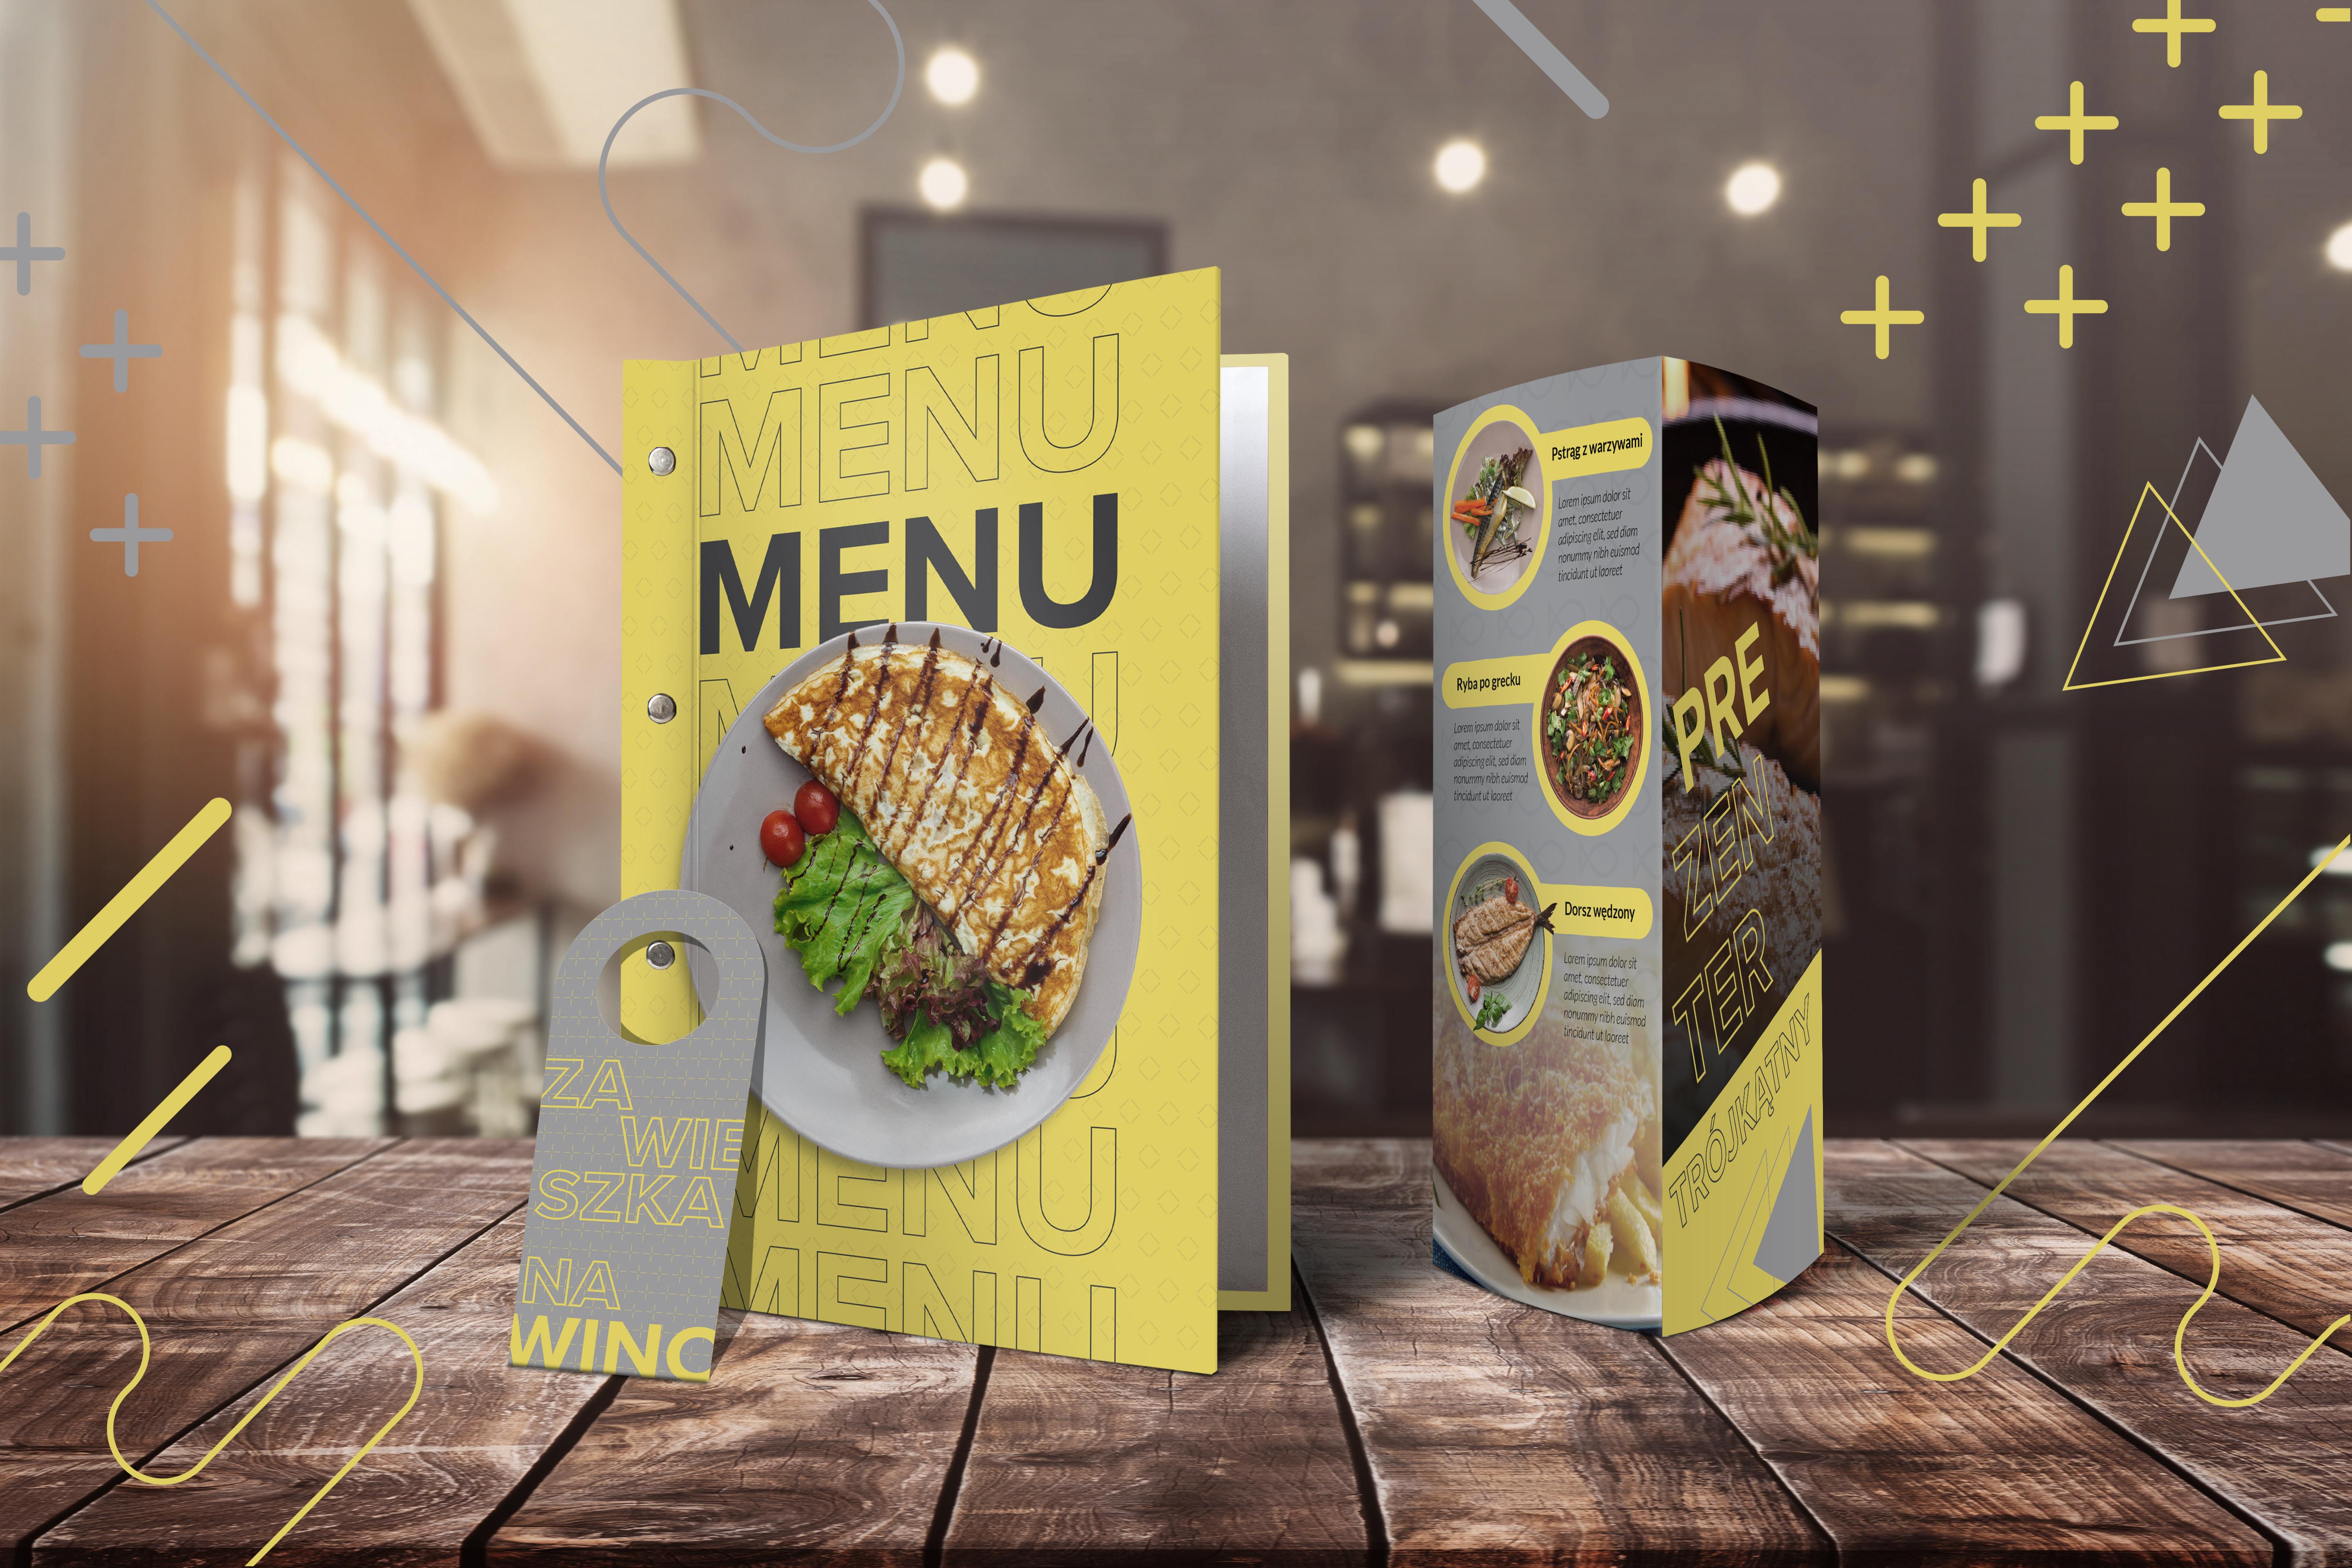 Restart-branży-gastro-Materiały-reklamowe-dedykowane-branży-gastronomicznej